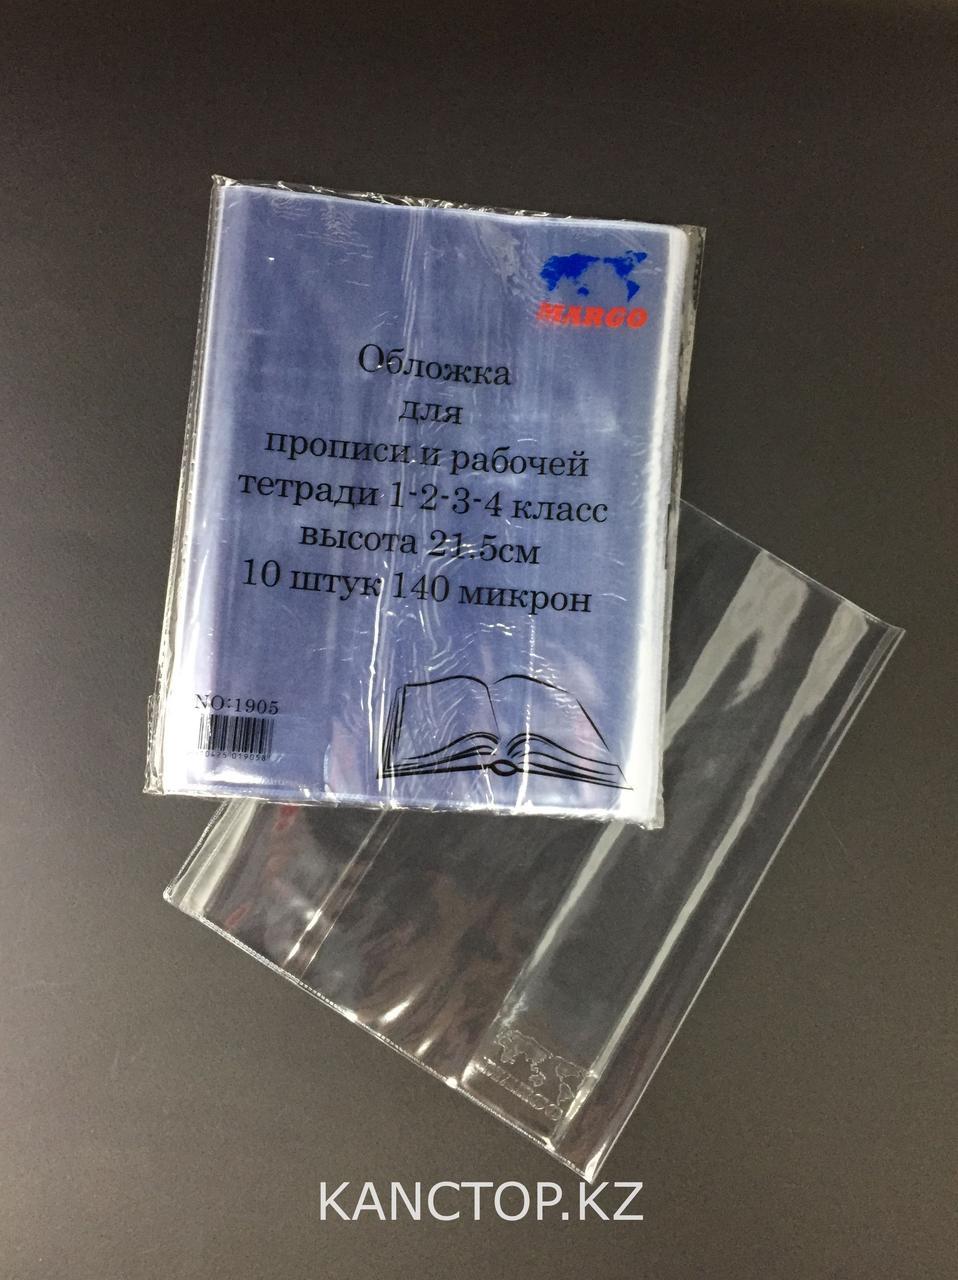 Обложка для прописи и рабочей тетради 1-4 класс Margo 140 микрон